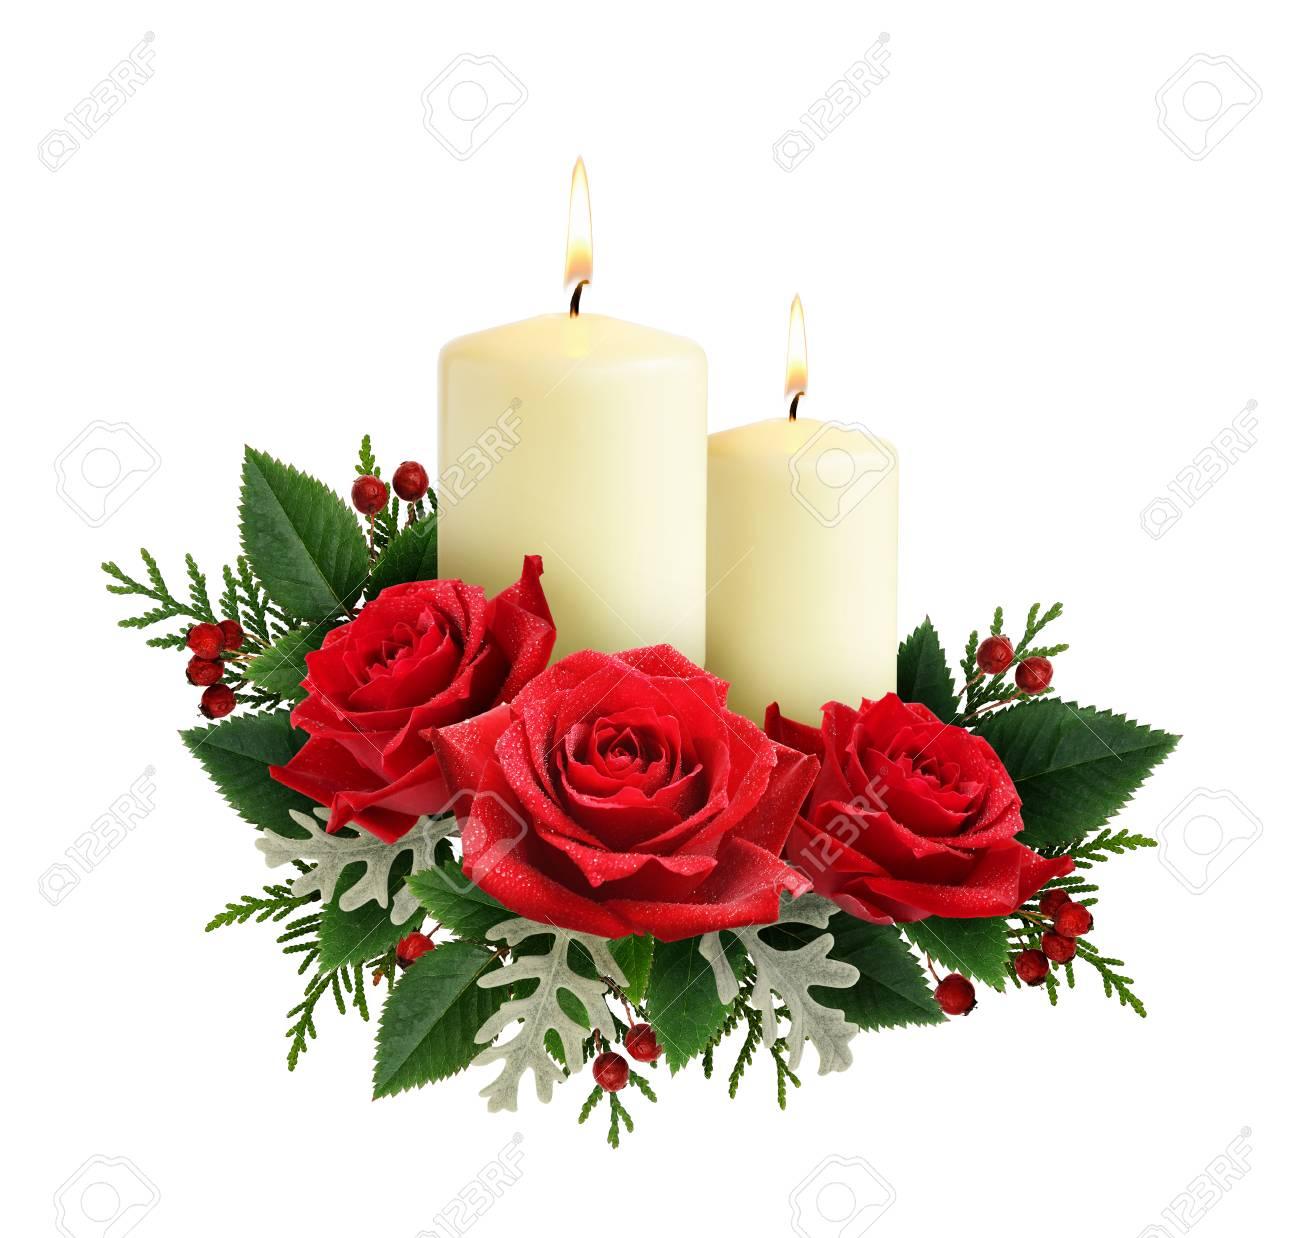 Weihnachten Zusammensetzung Mit Roten Rosenblüten Und Kerzen Auf ...